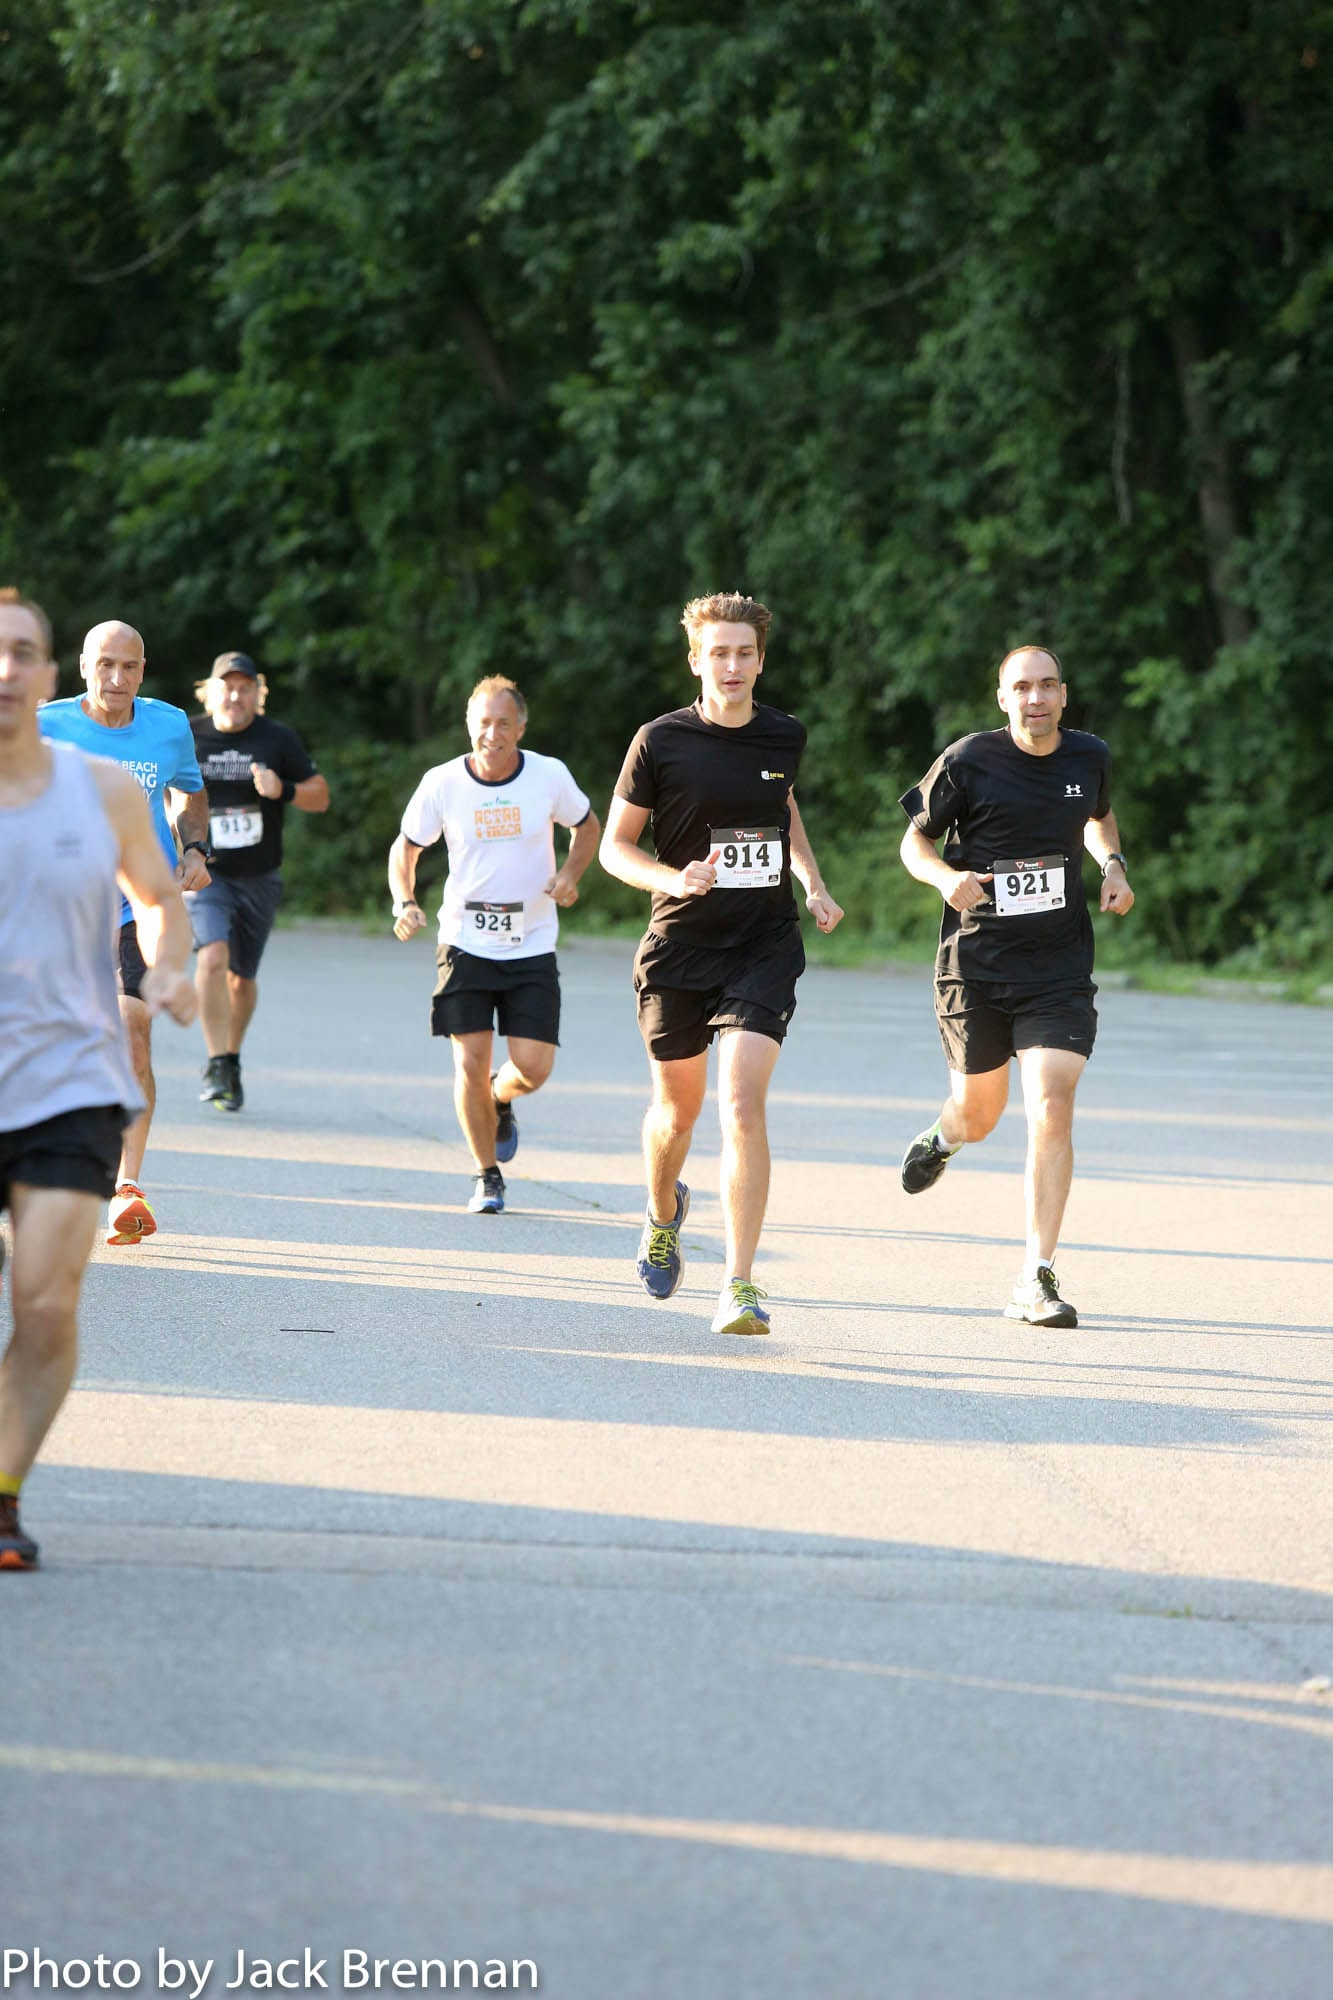 016 - Putnam County Classic 2016 Taconic Road Runners - BA3A0336